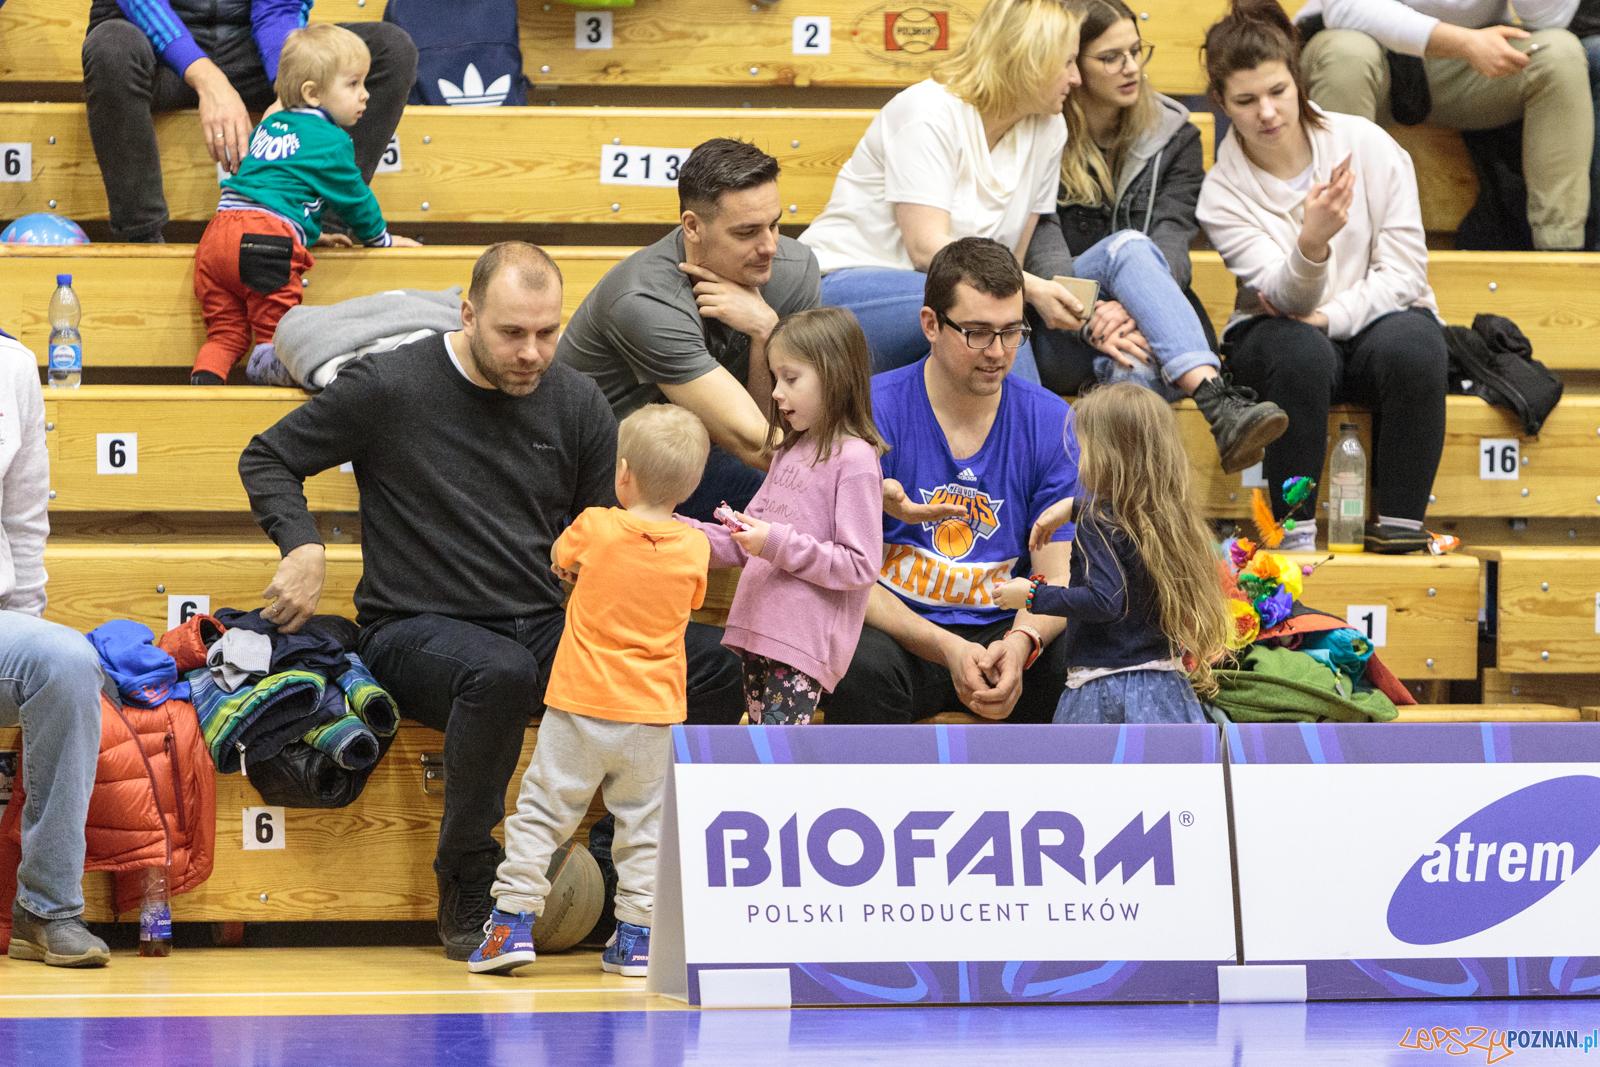 Biofarm Basket Poznań - Zetkama Doral Nysa Kłodzko 73:43 - Poz  Foto: LepszyPOZNAN.pl / Paweł Rychter